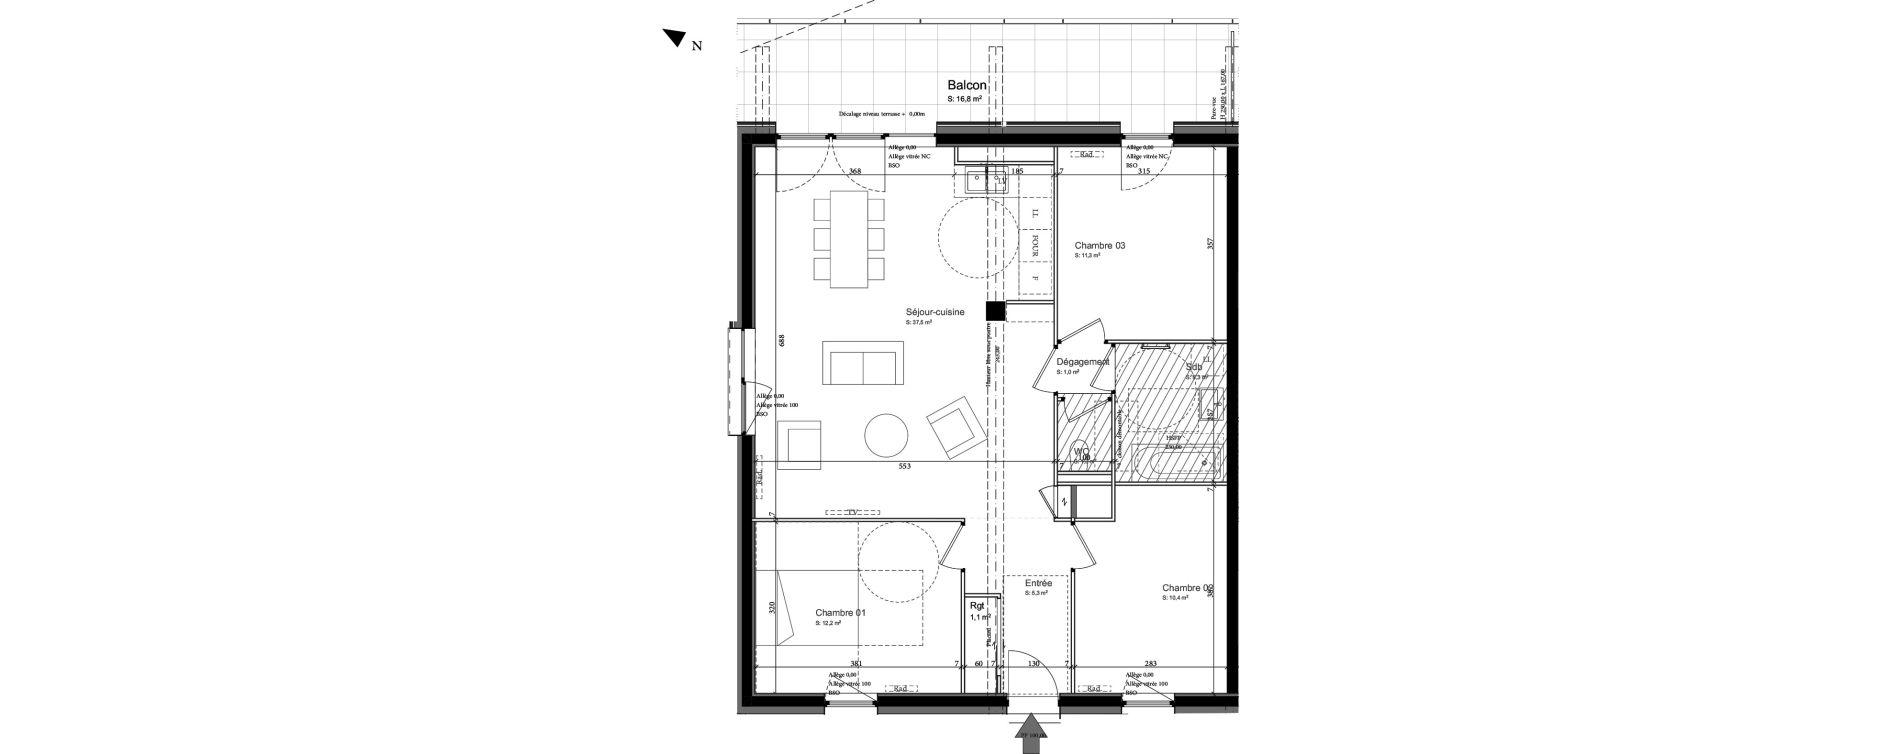 Appartement T4 de 84,40 m2 à Nancy Grand coeur